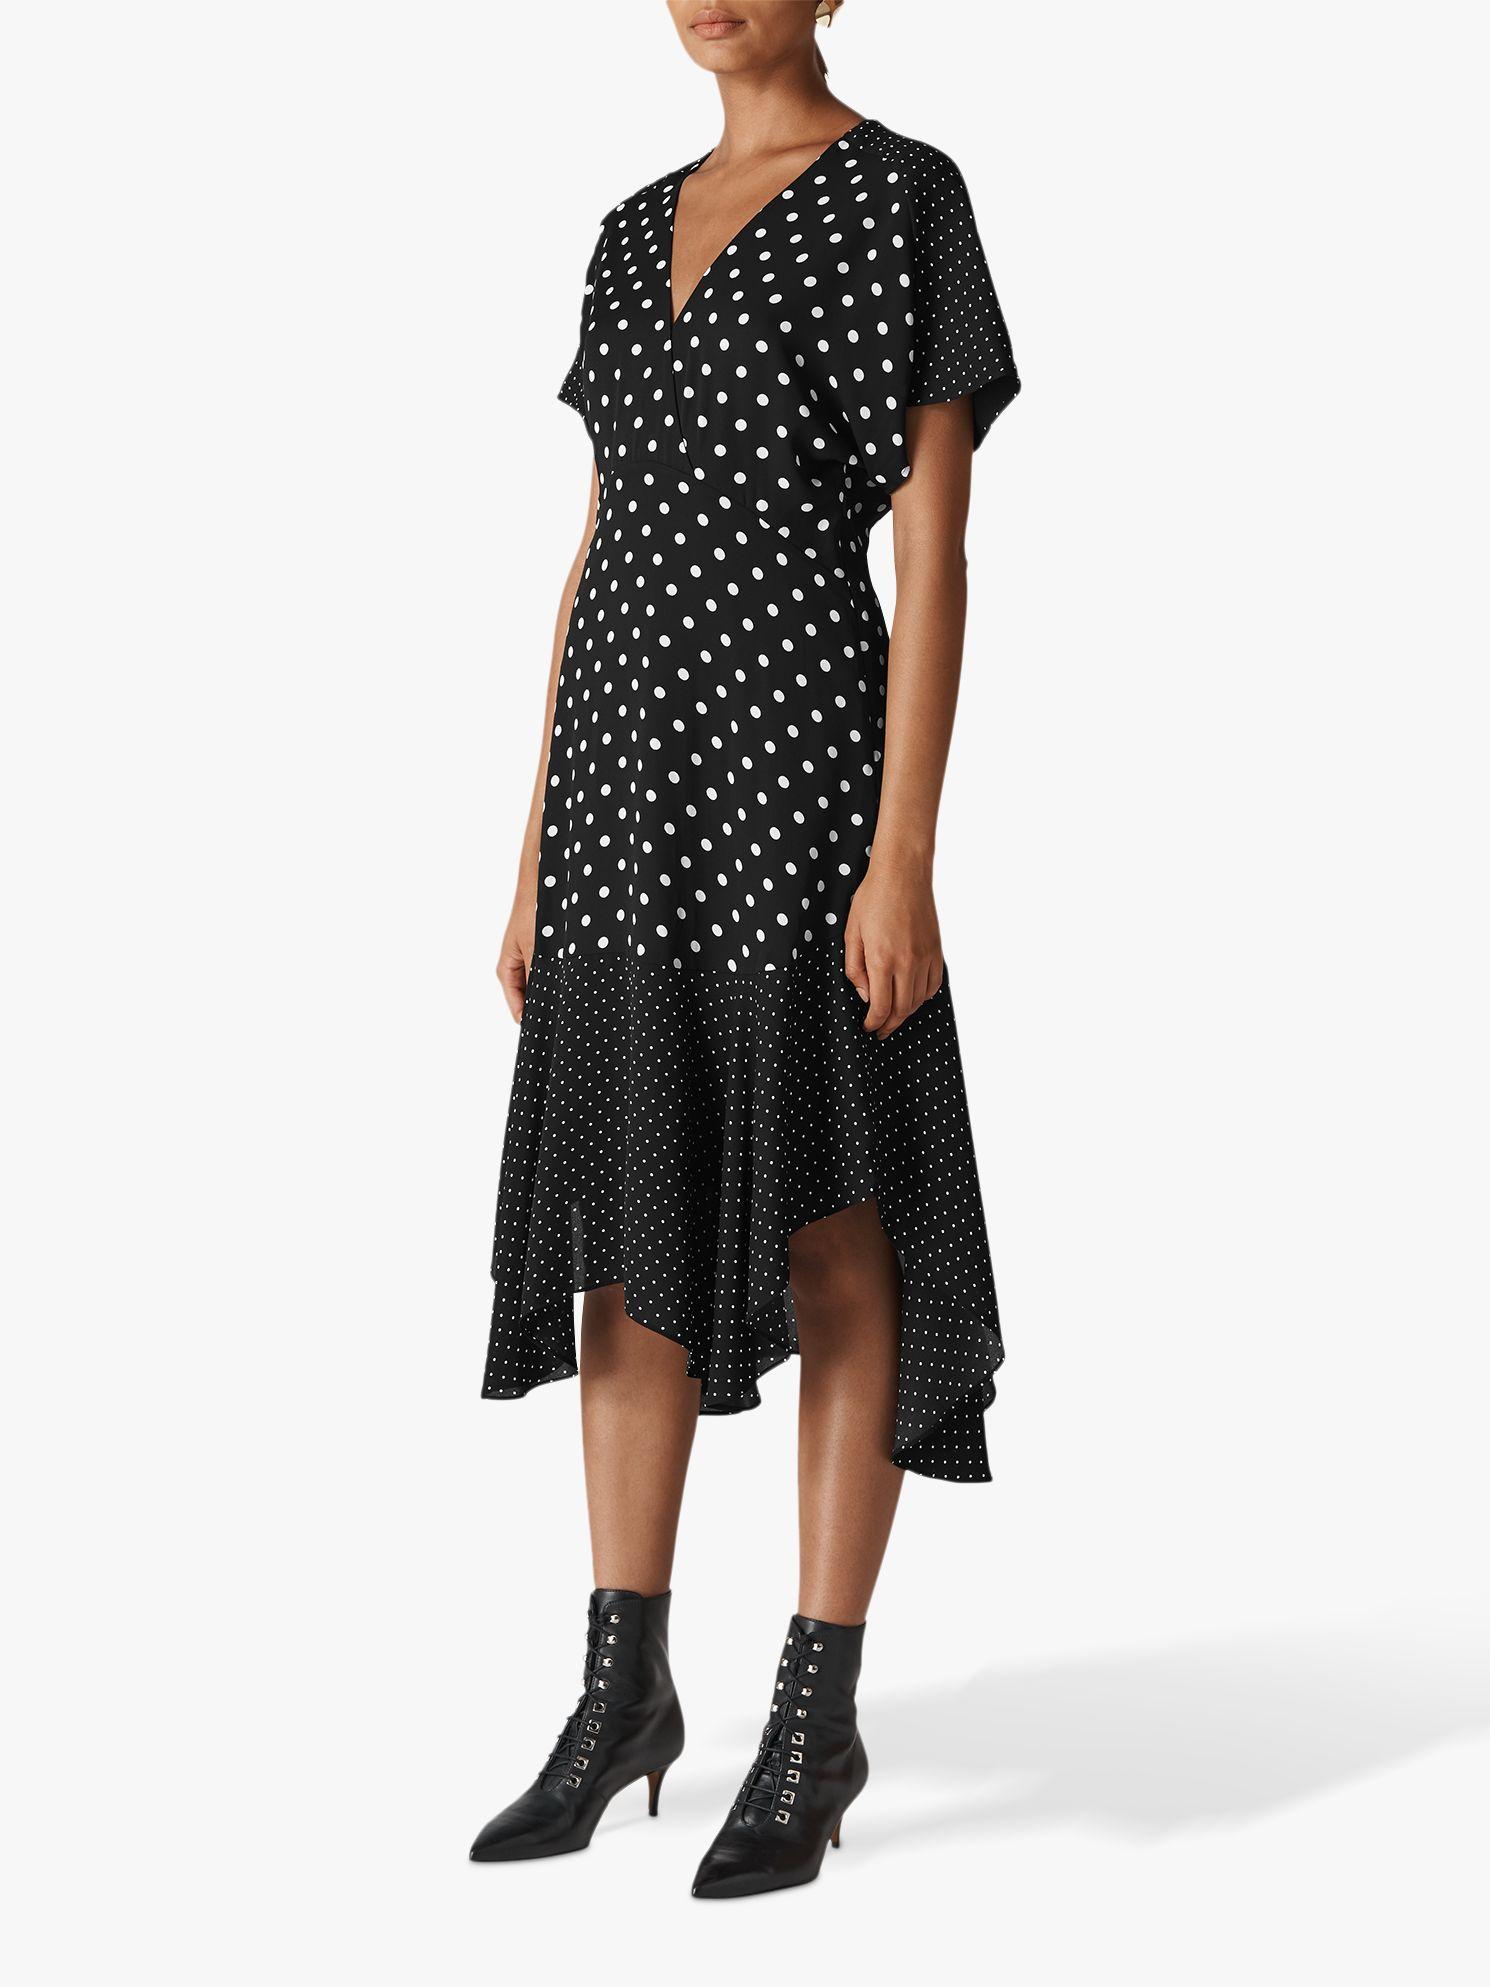 54439819016 Whistles Enise Multi Spot Dress, Black White at John Lewis   Partners